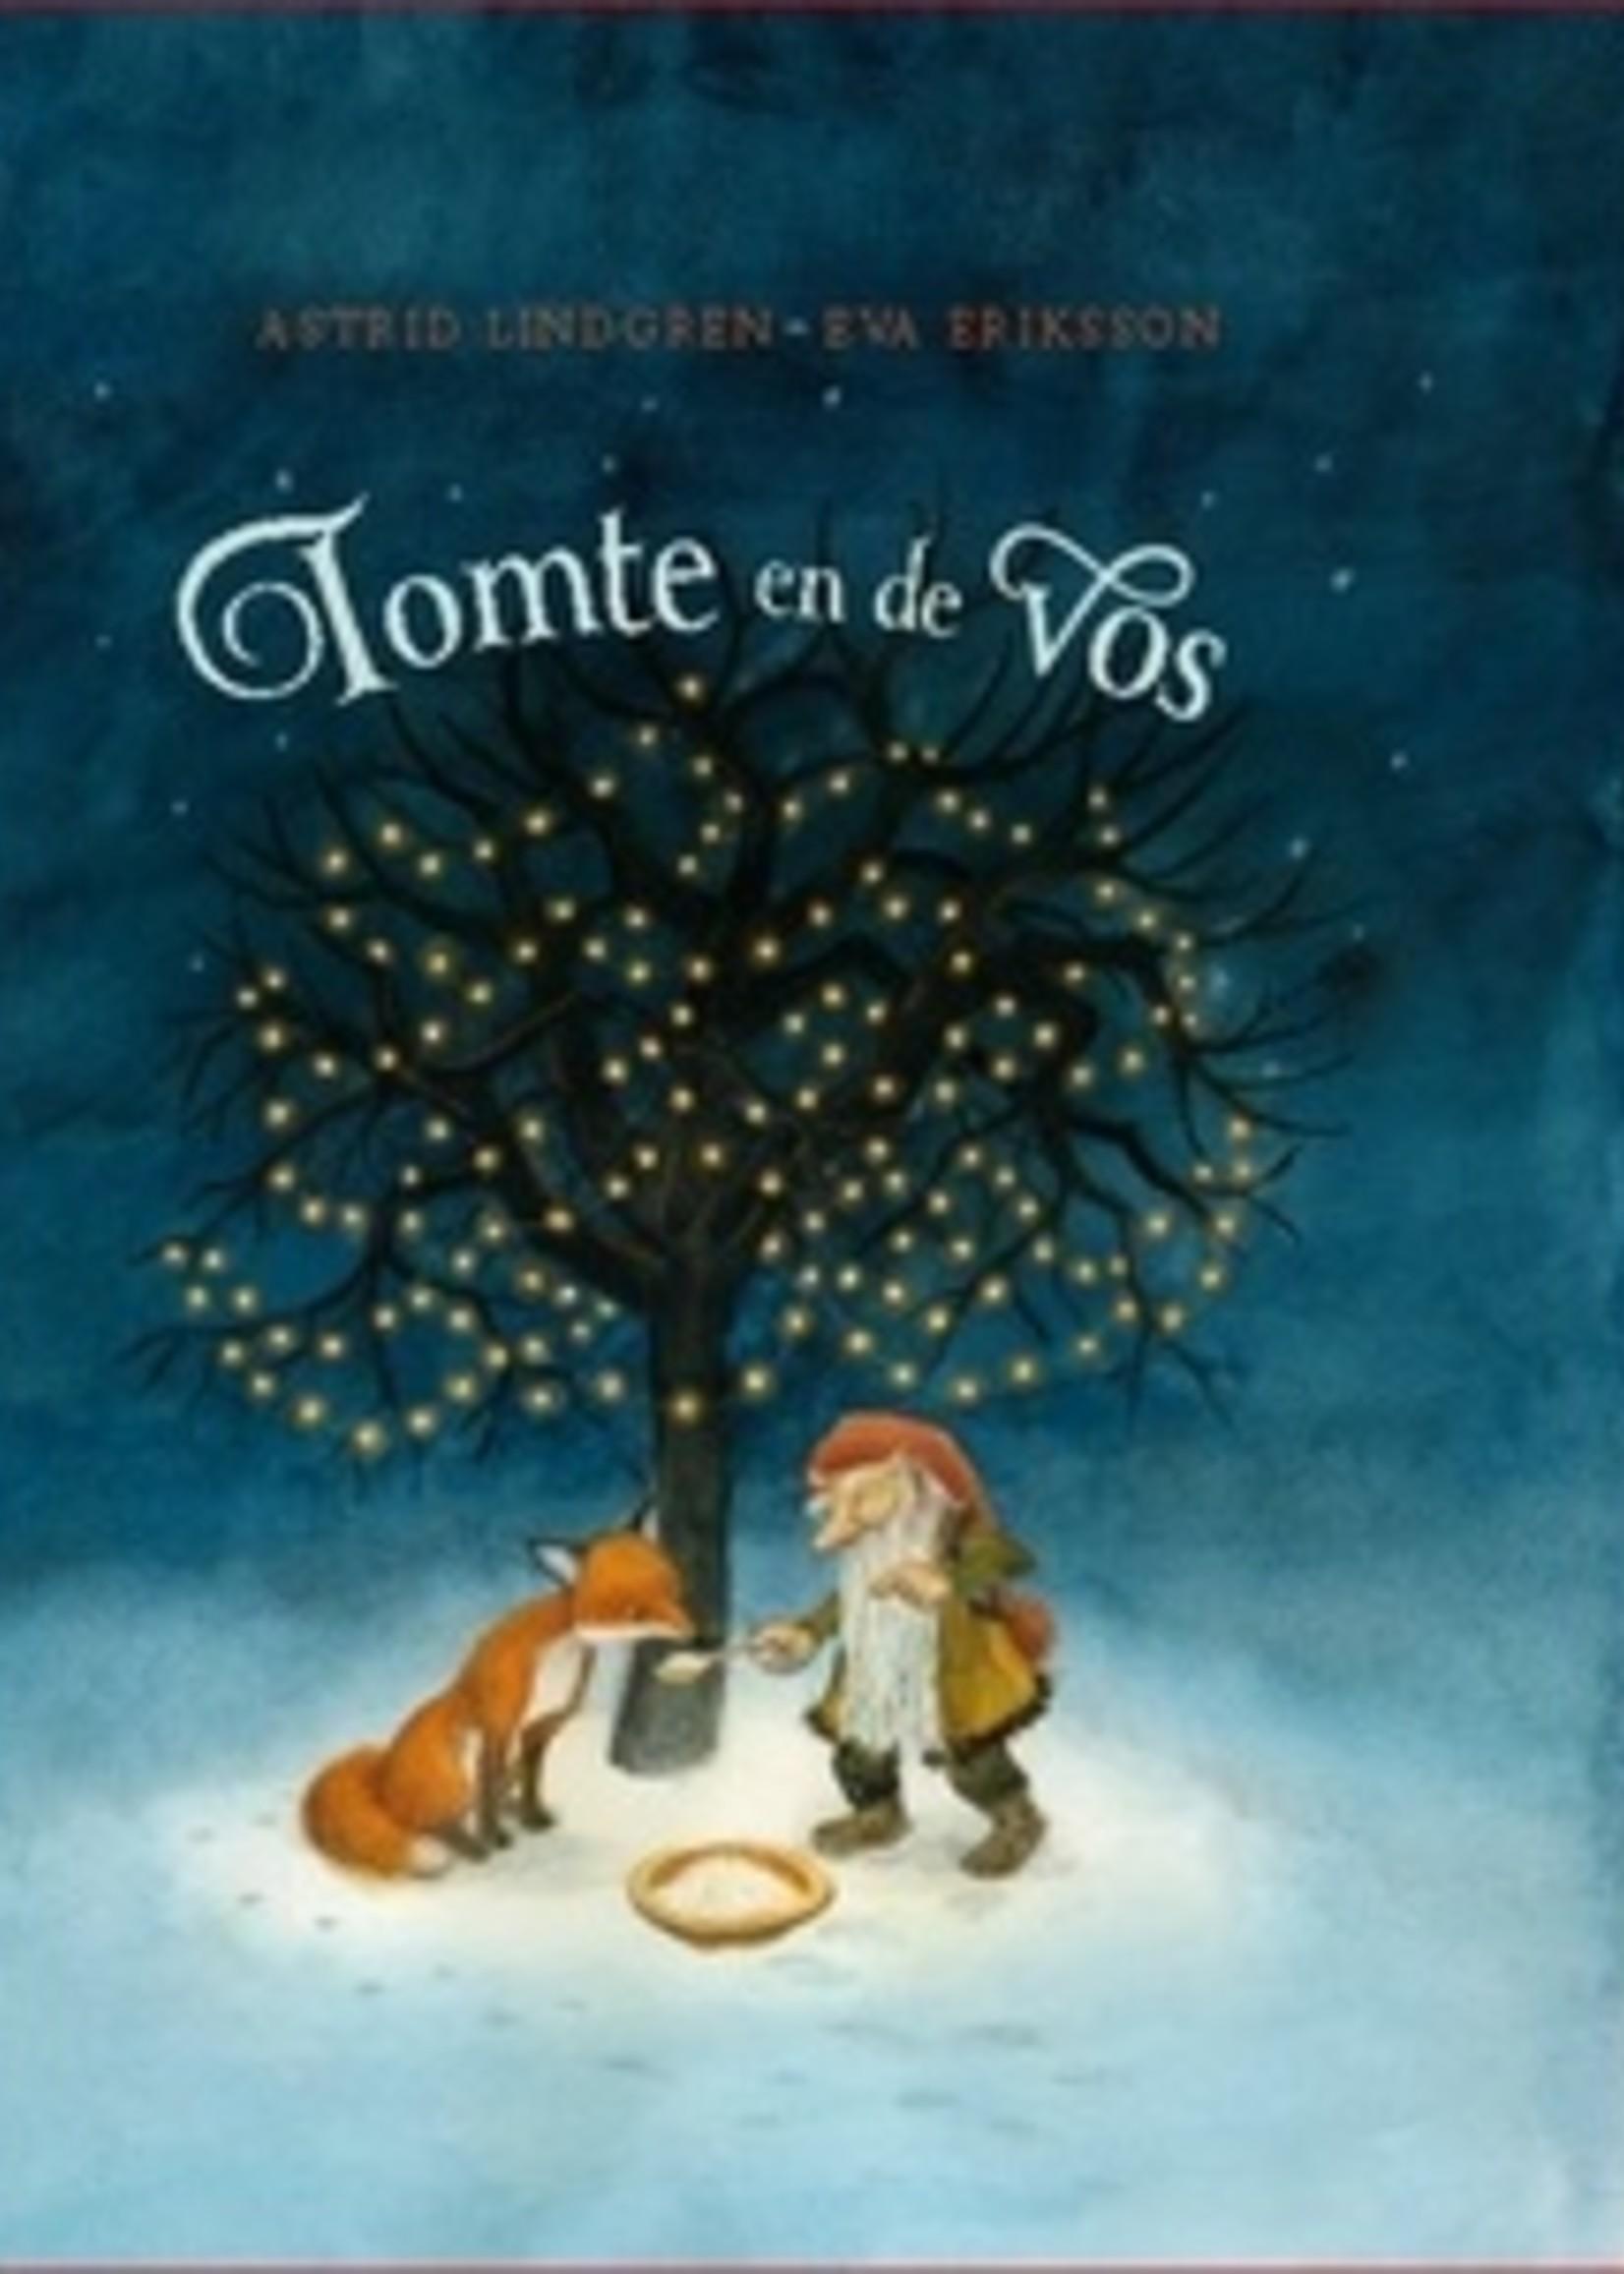 Uitgeverij Christofoor Tomte en de vos, Astrid Lindgren